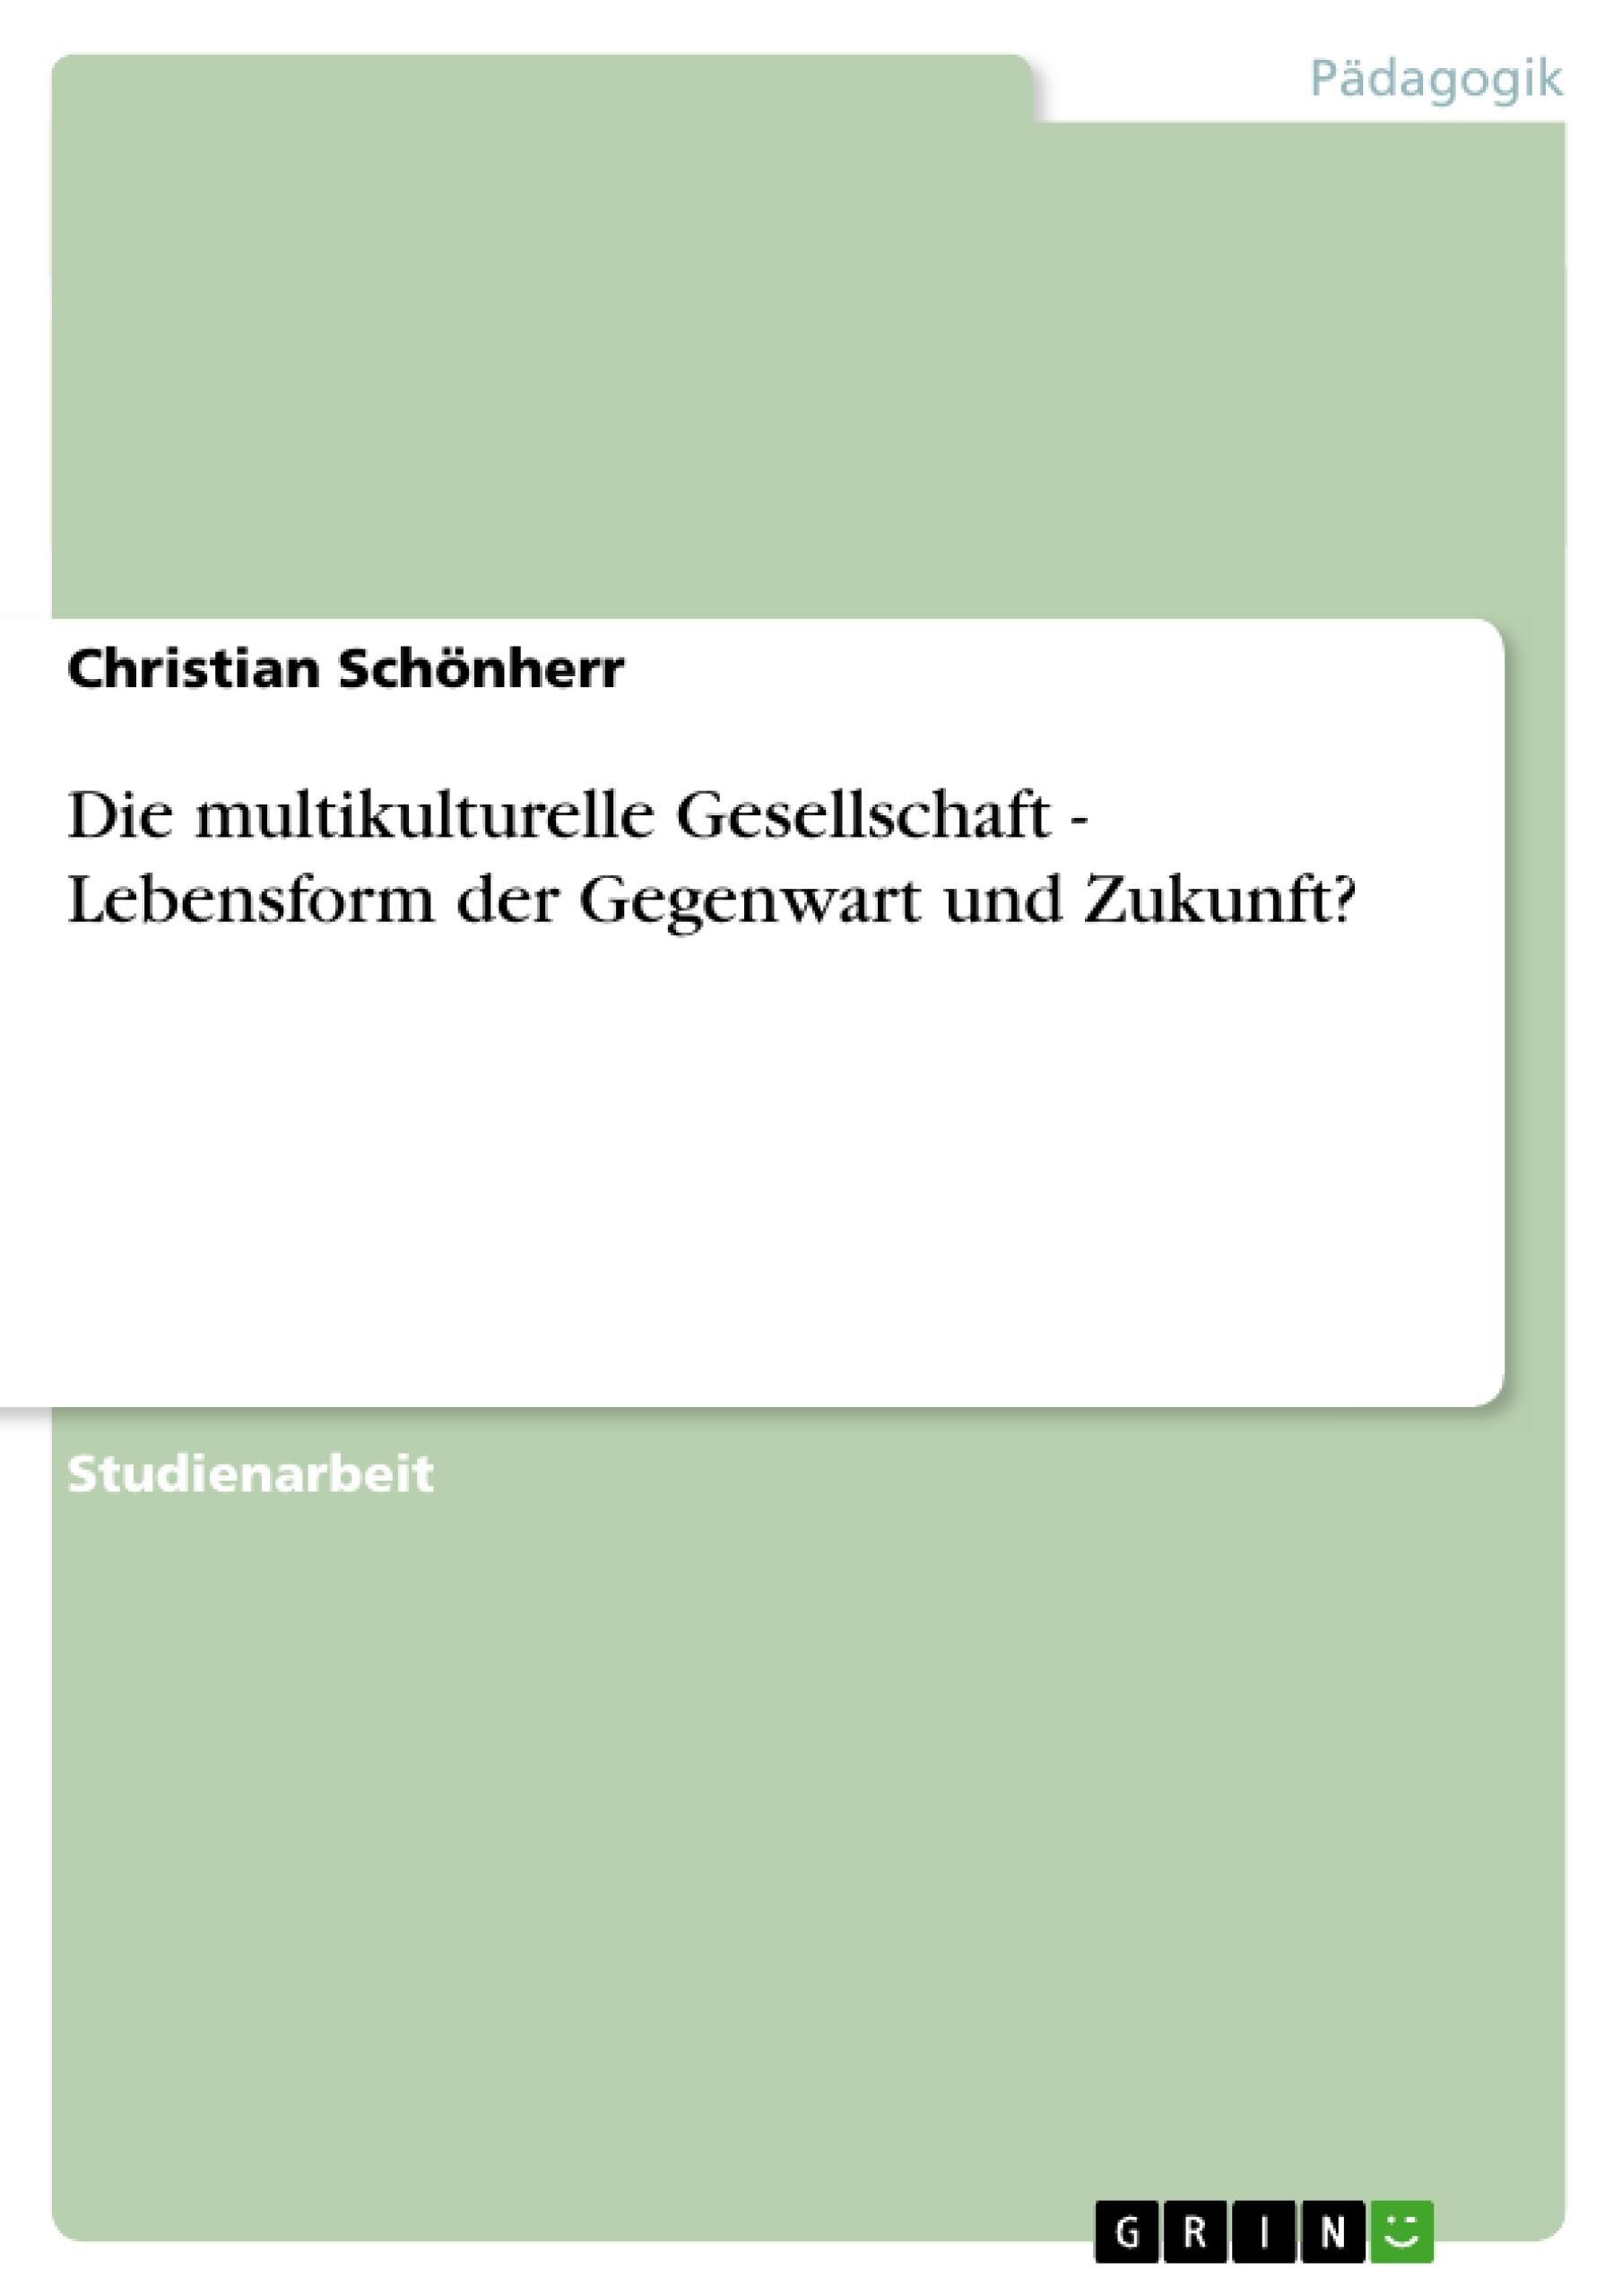 Titel: Die multikulturelle Gesellschaft - Lebensform der Gegenwart und Zukunft?